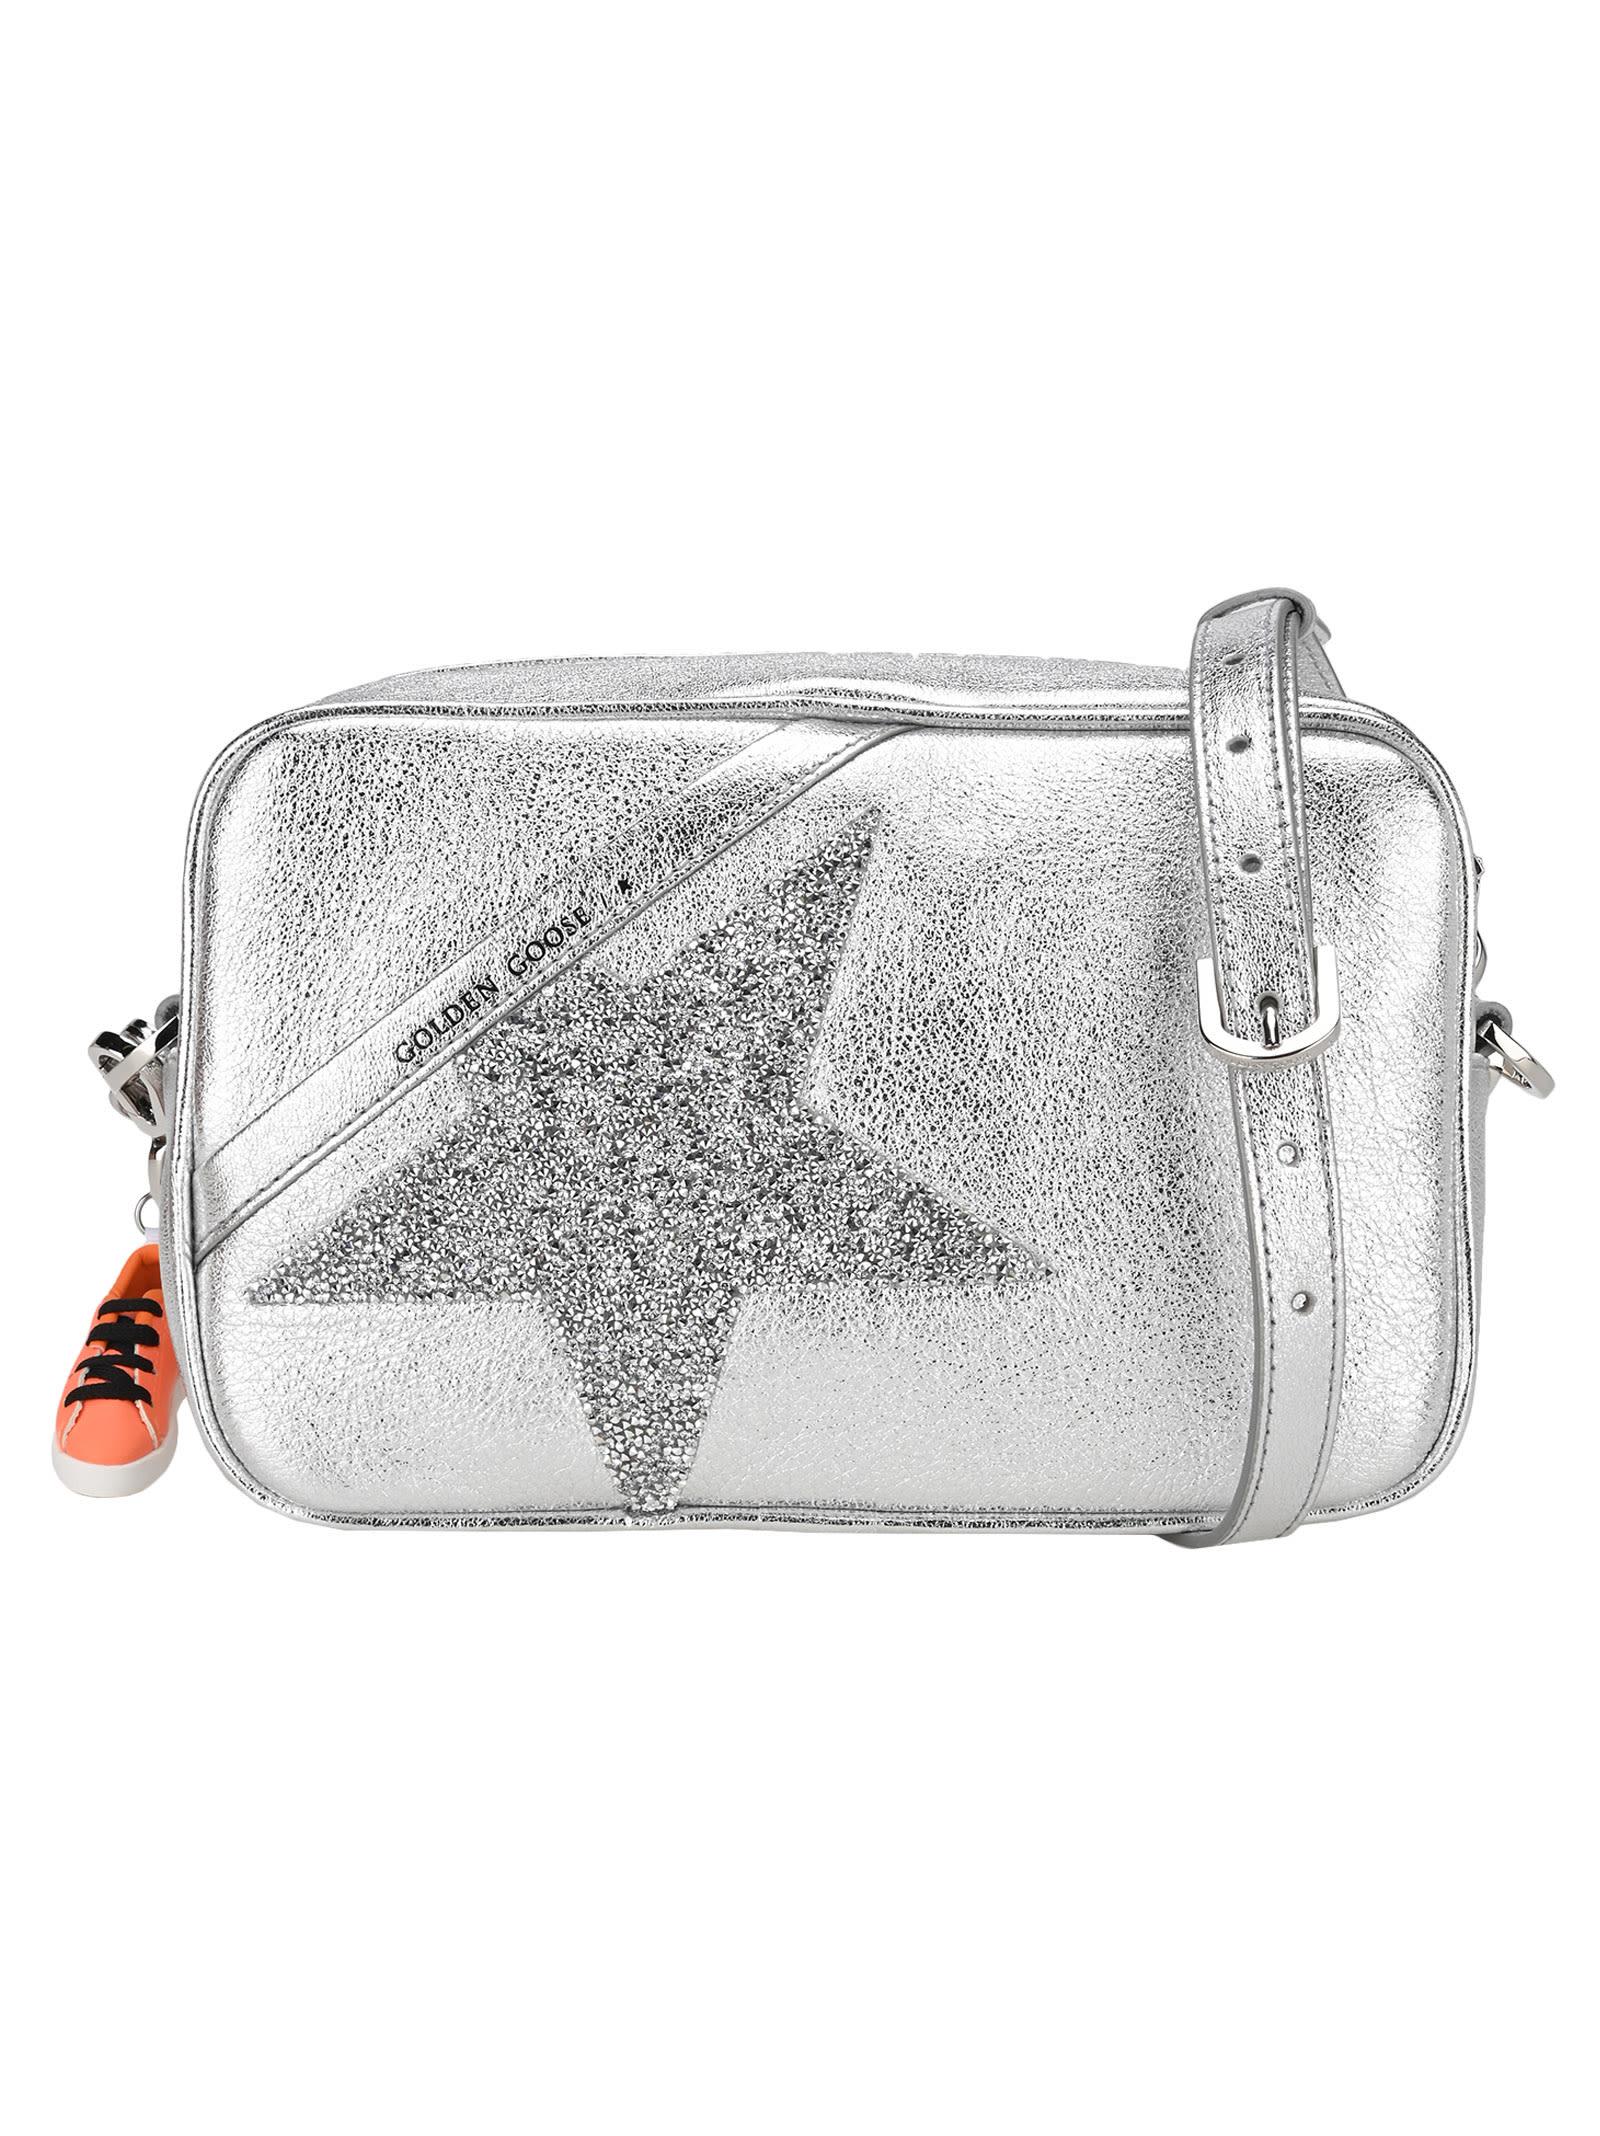 Golden Goose STAR CRYSTAL-EMBELLISHED CROSSBODY BAG SHOULDER BAG